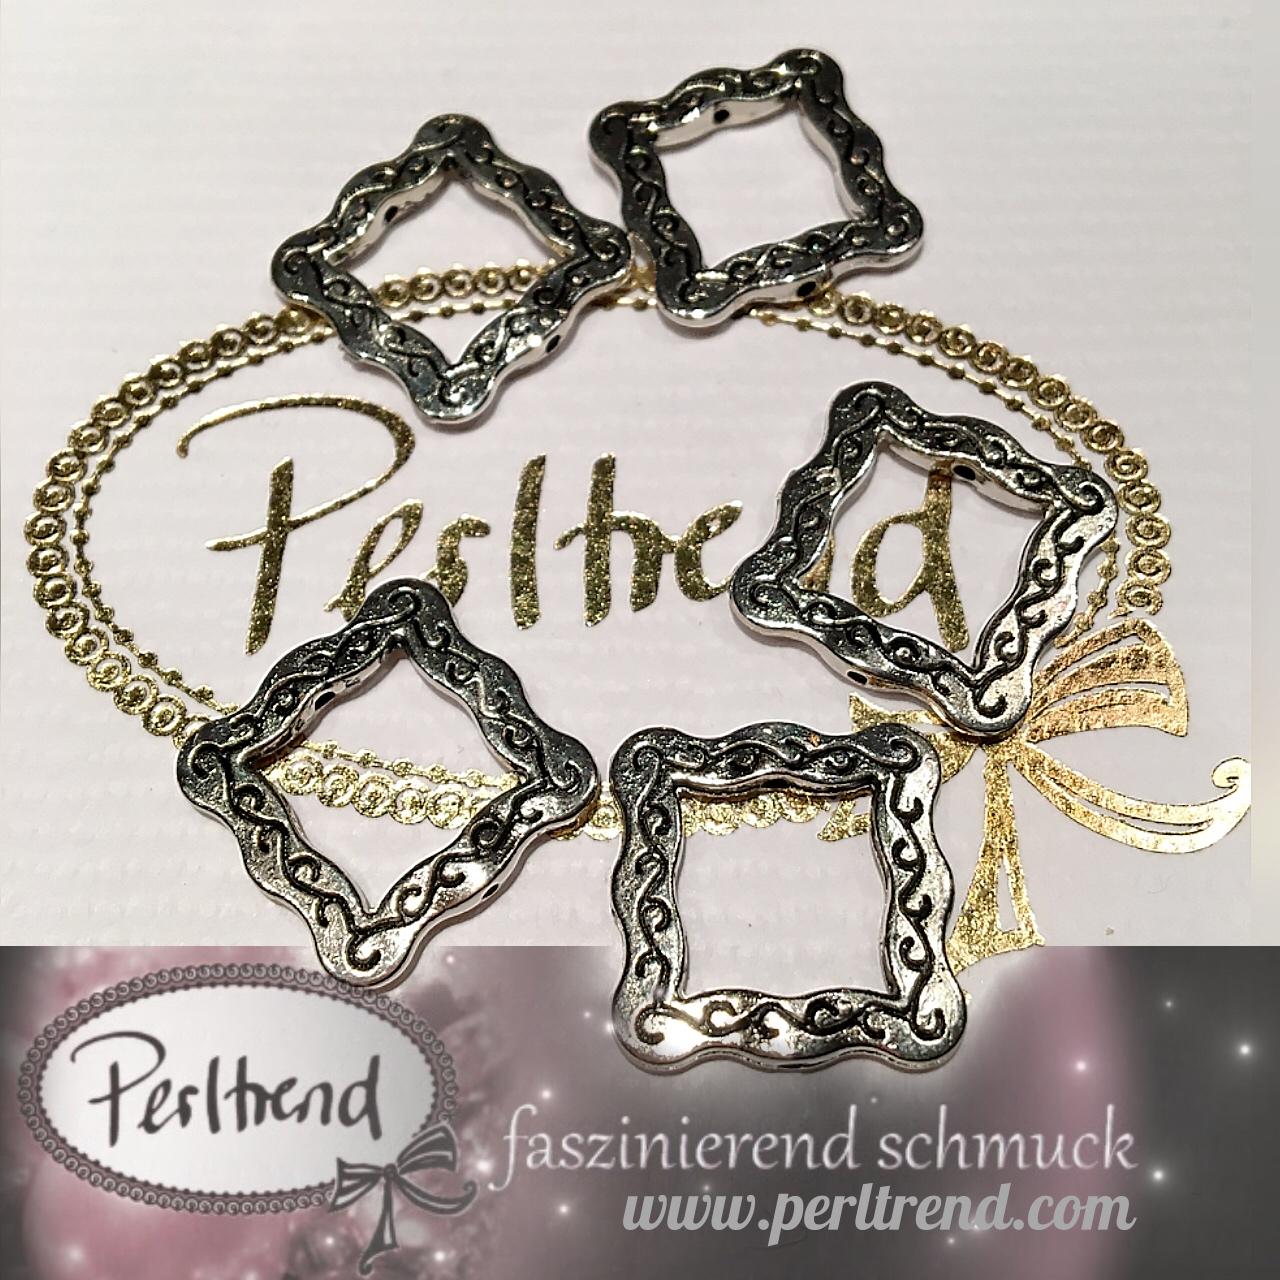 Perlen Silberfarben Rahmen - Perltrend Luzern